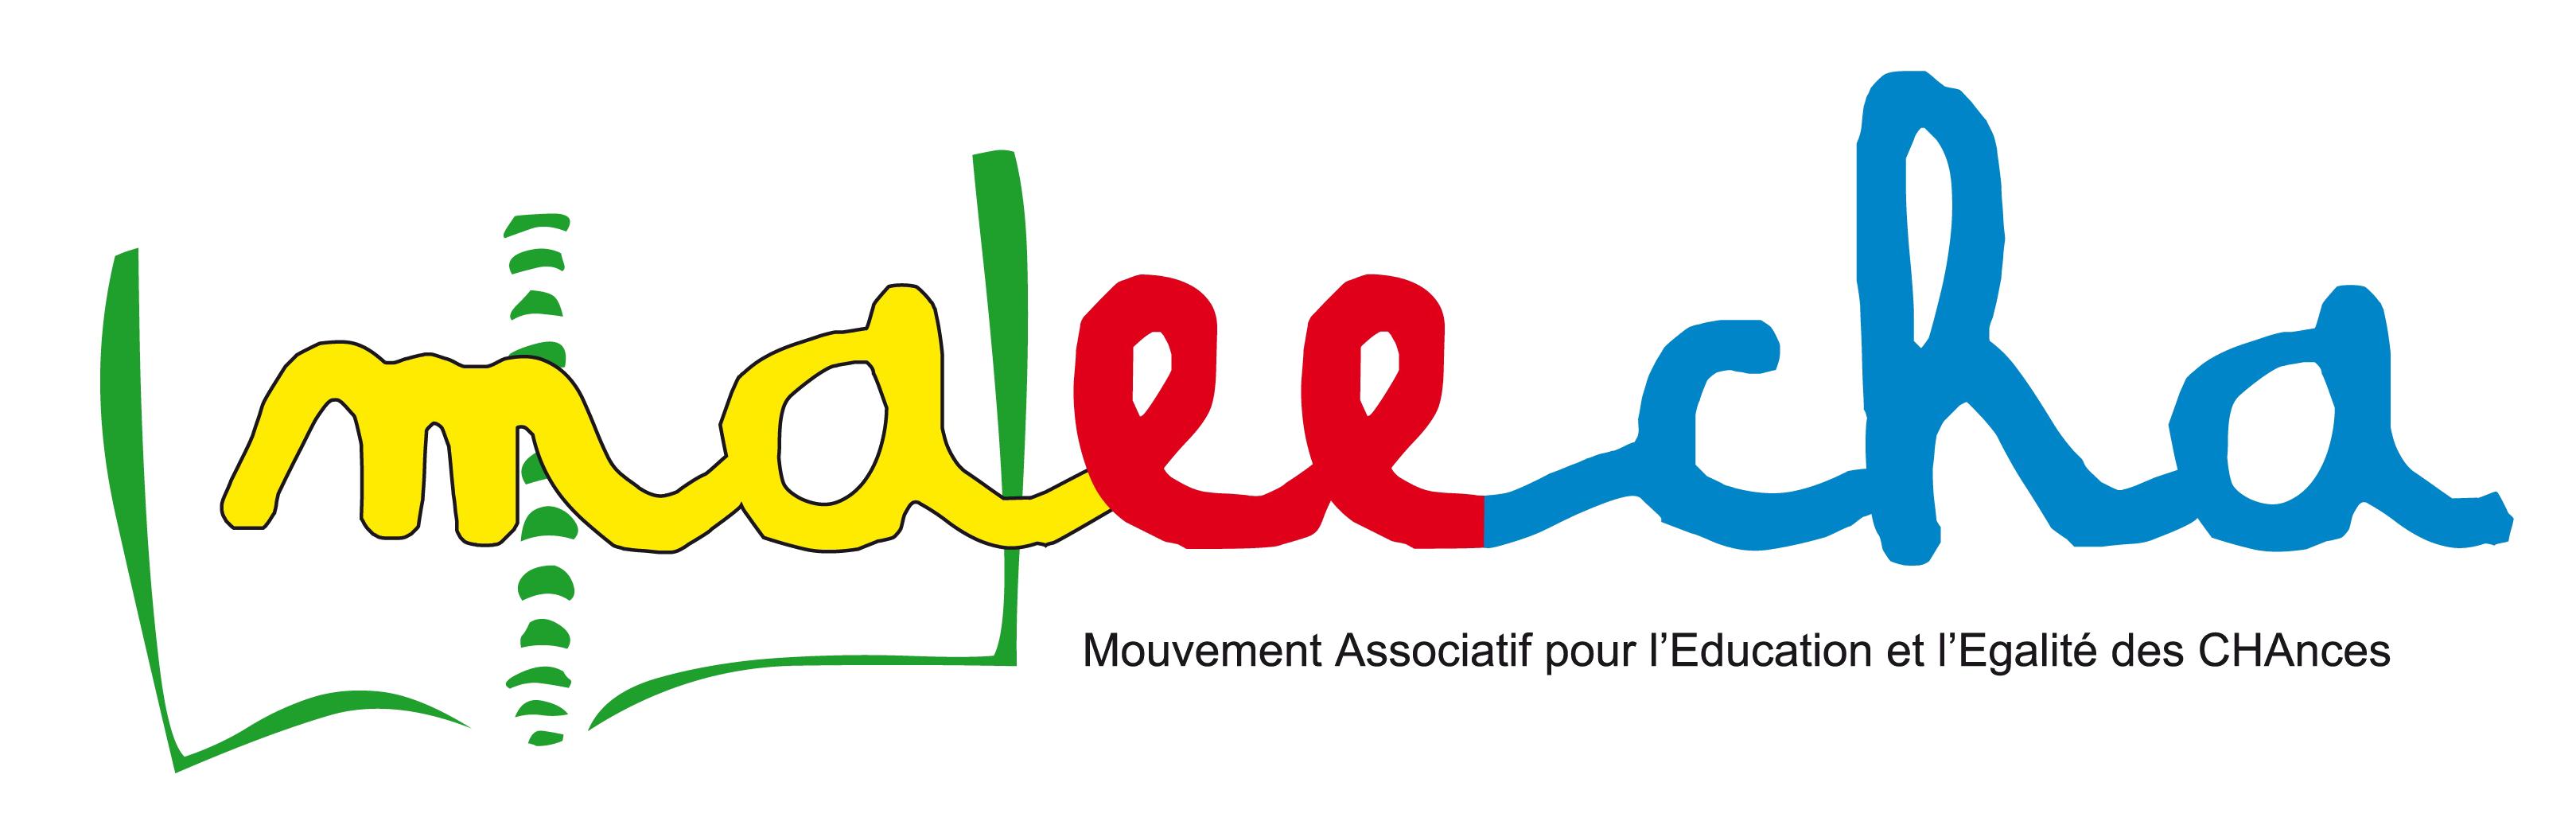 mouvement education nationale 2017